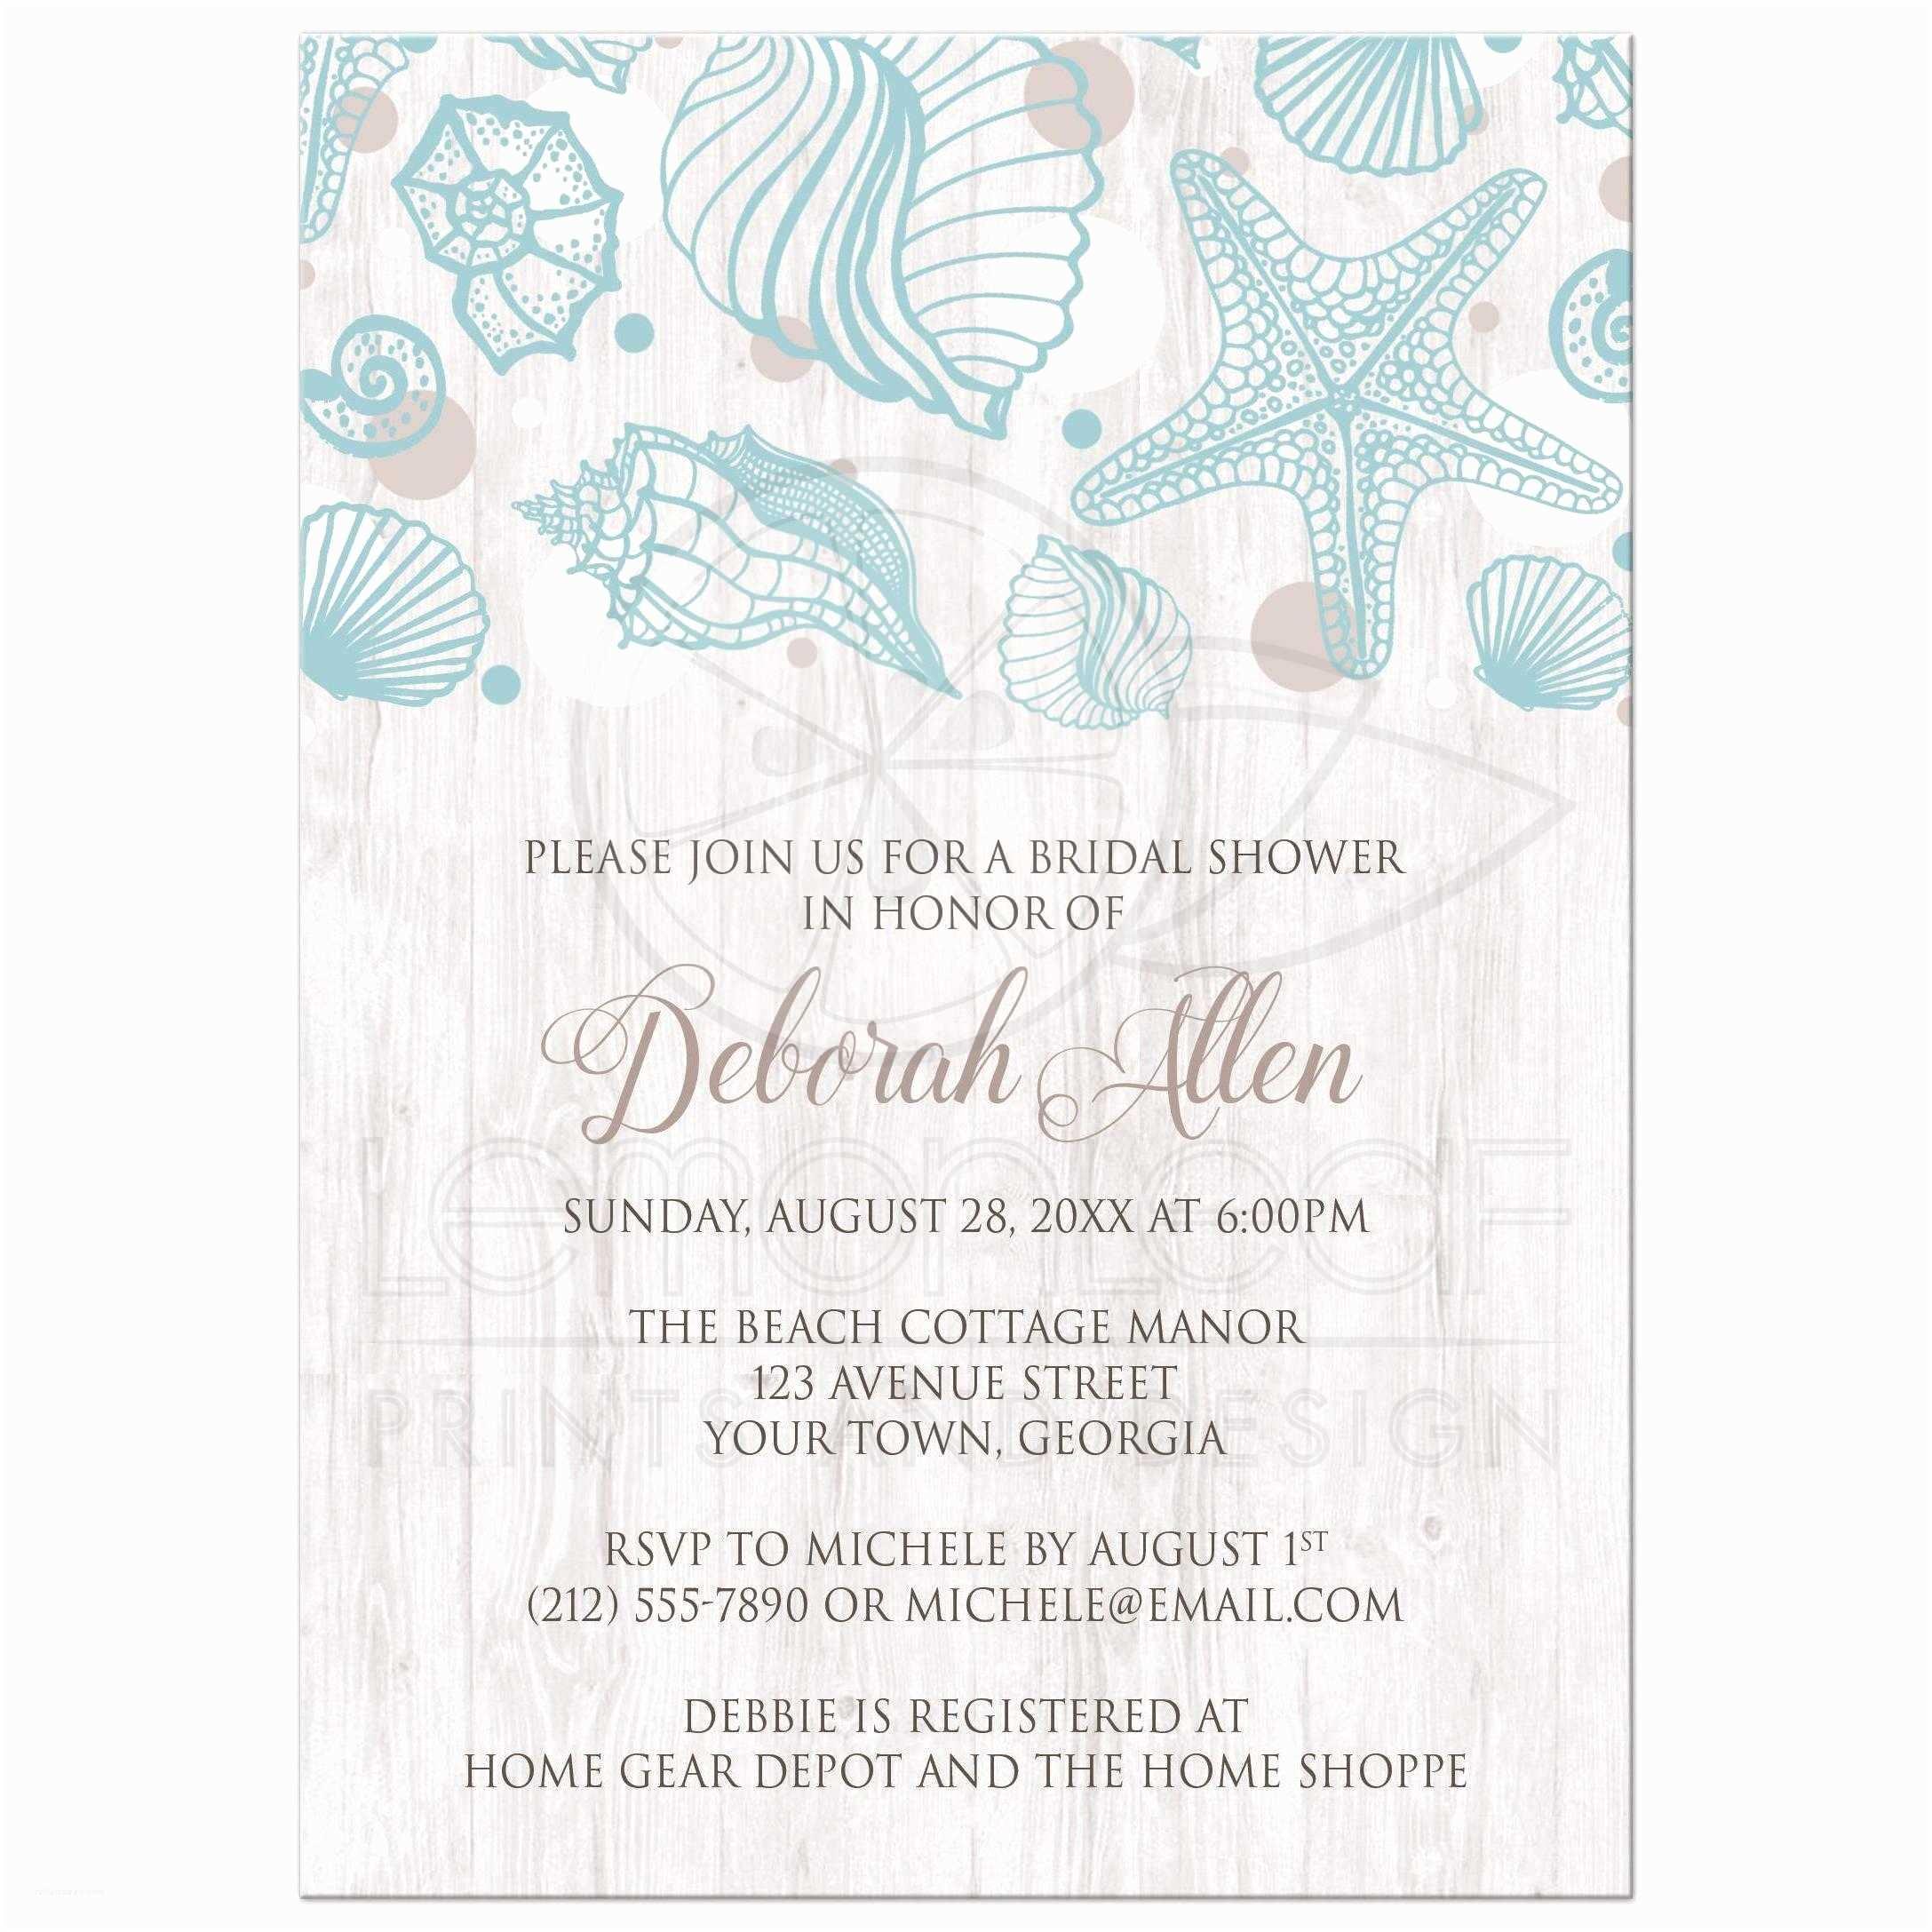 Beach theme Bridal Shower Invitations Beach Bridal Shower Invitations Beach themed Bridal